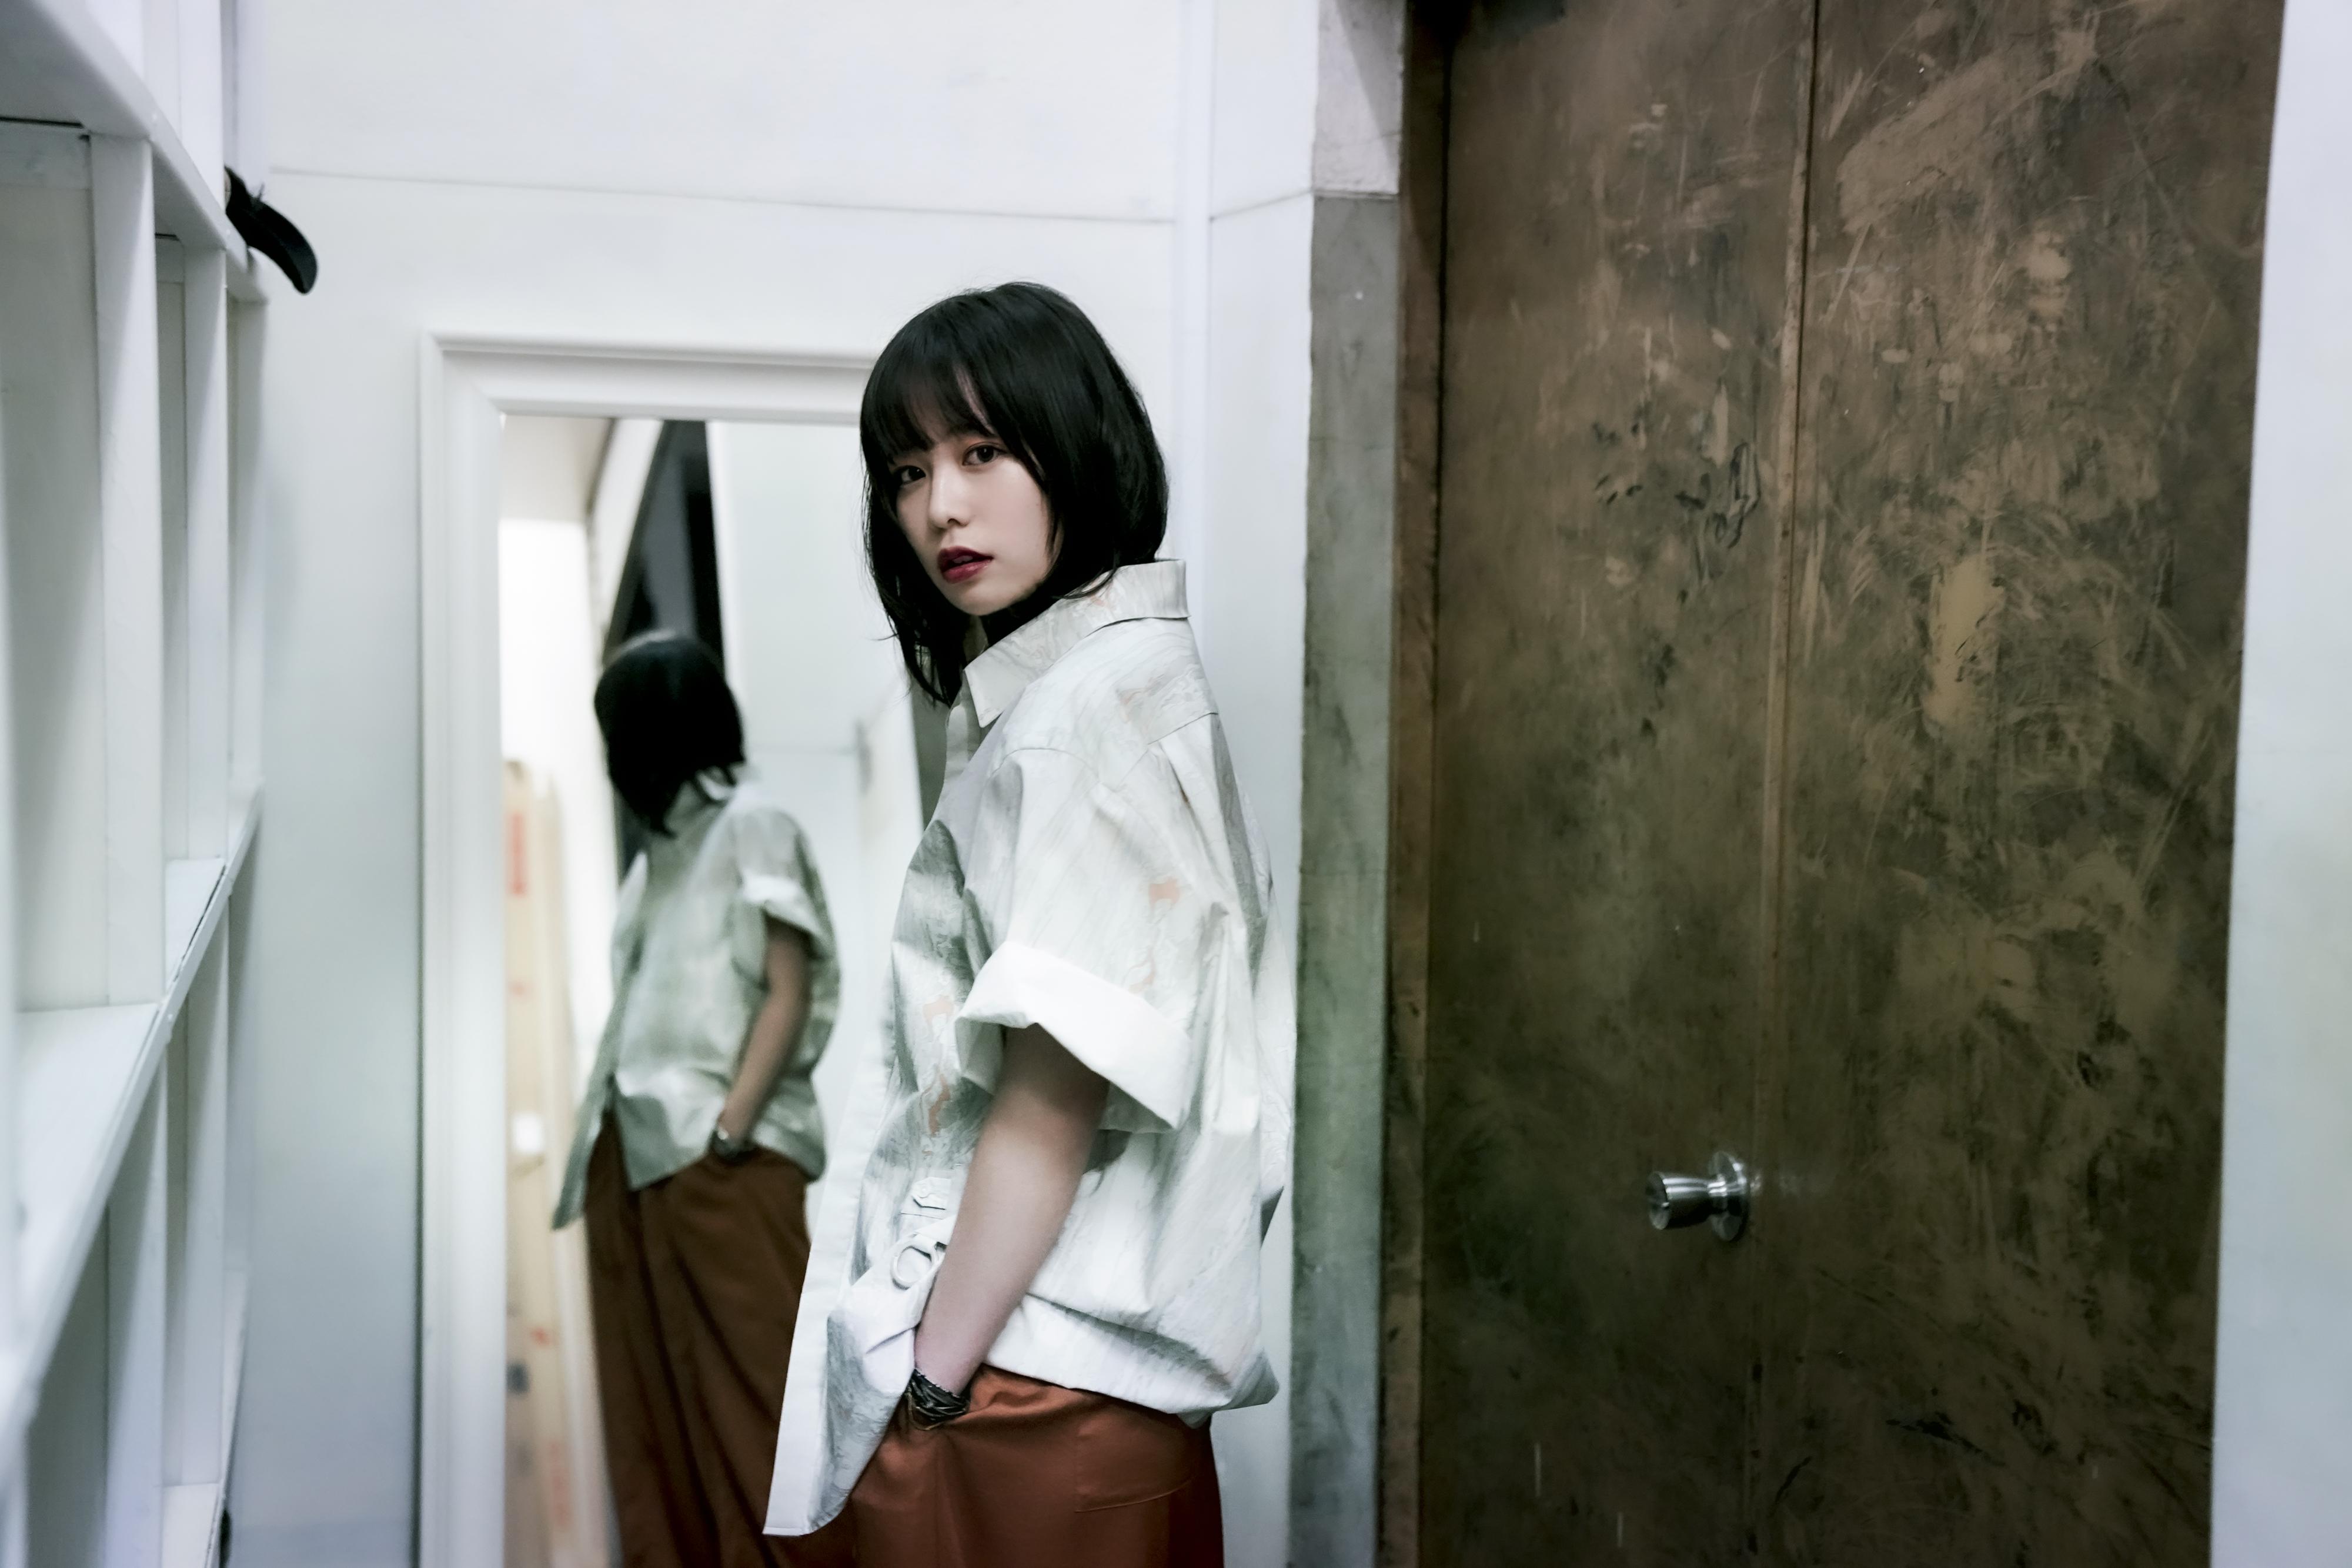 みゆな、新曲「あのねこの話 feat.クボタカイ」リリース決定&TikTok公式アカウント開設